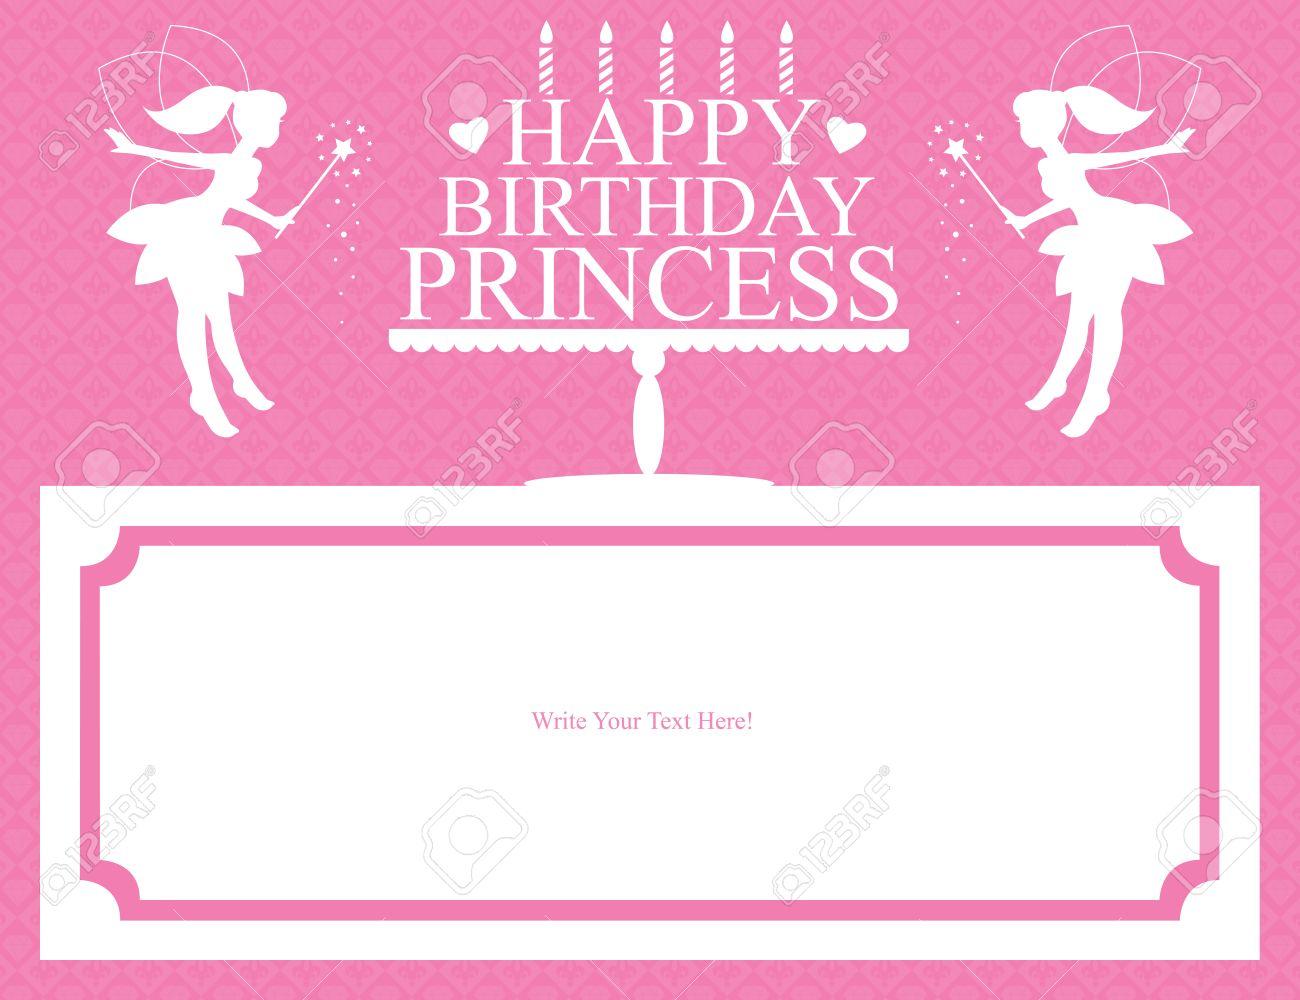 Princess Birthday Card Royalty Free Cliparts Vectors And Stock